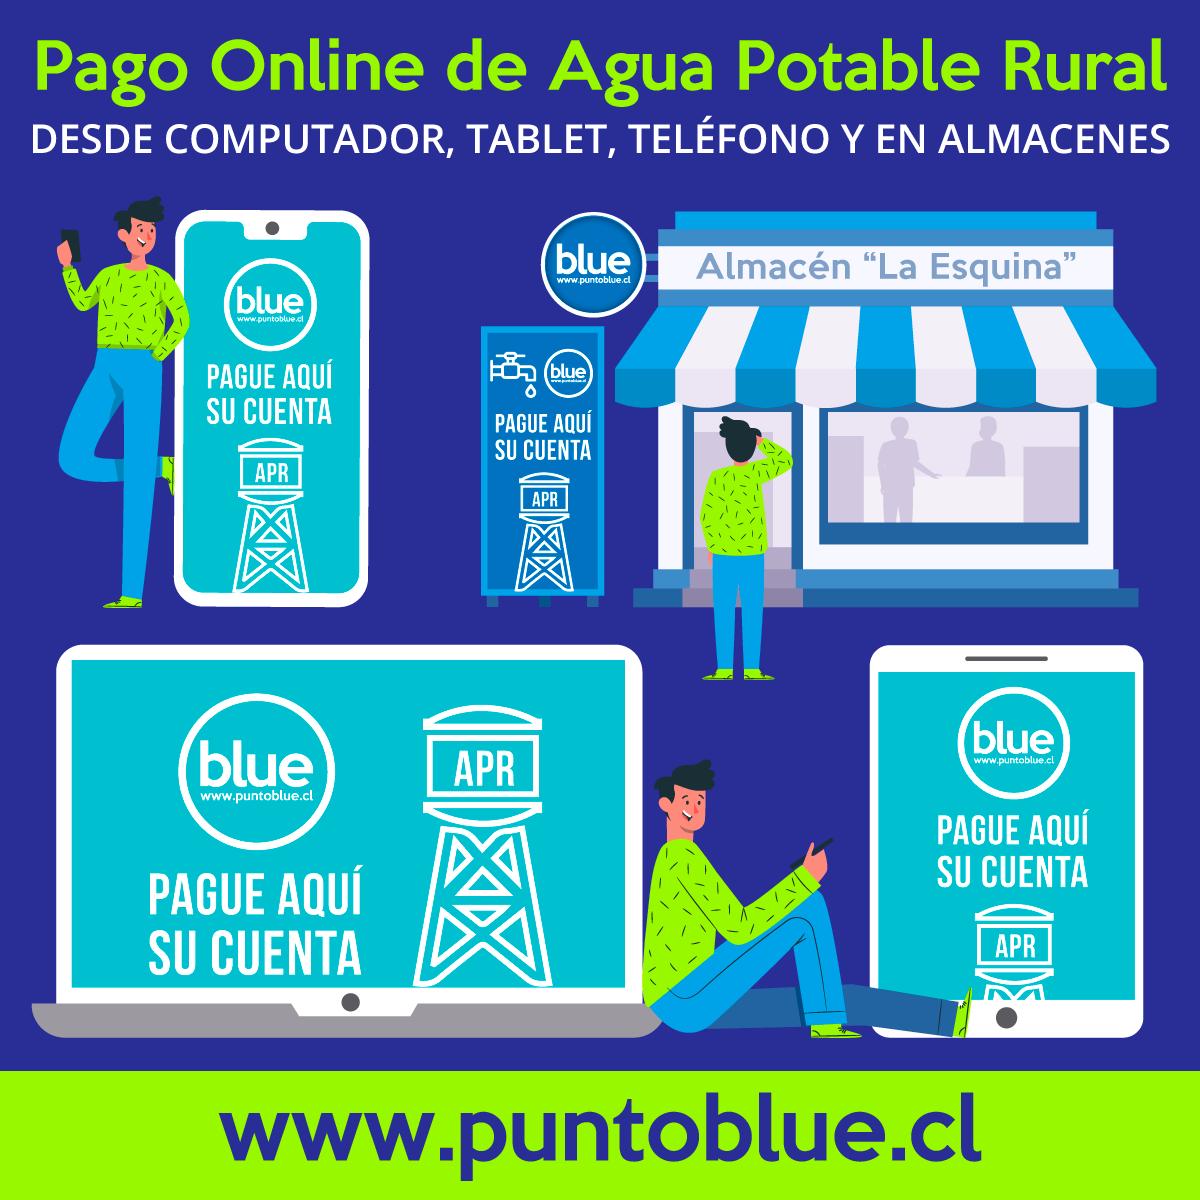 ``Punto Blue`` Plataforma de Pago, de Cuentas de Agua Potable Rural, ONLINE y en Almacenes locales.